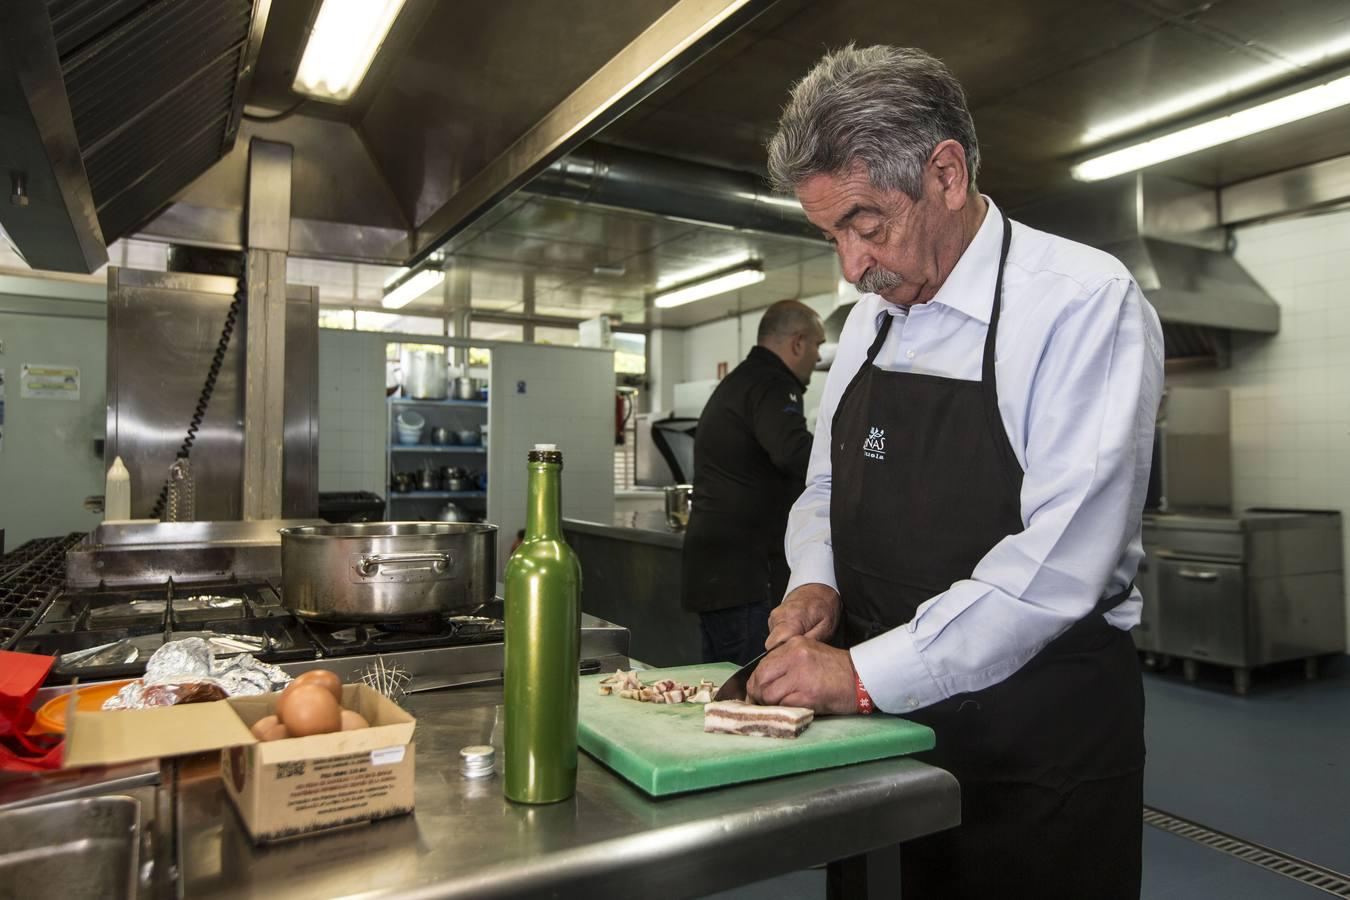 El PRC apuesta por un centro de referencia para potenciar la gastronomía de Cantabria